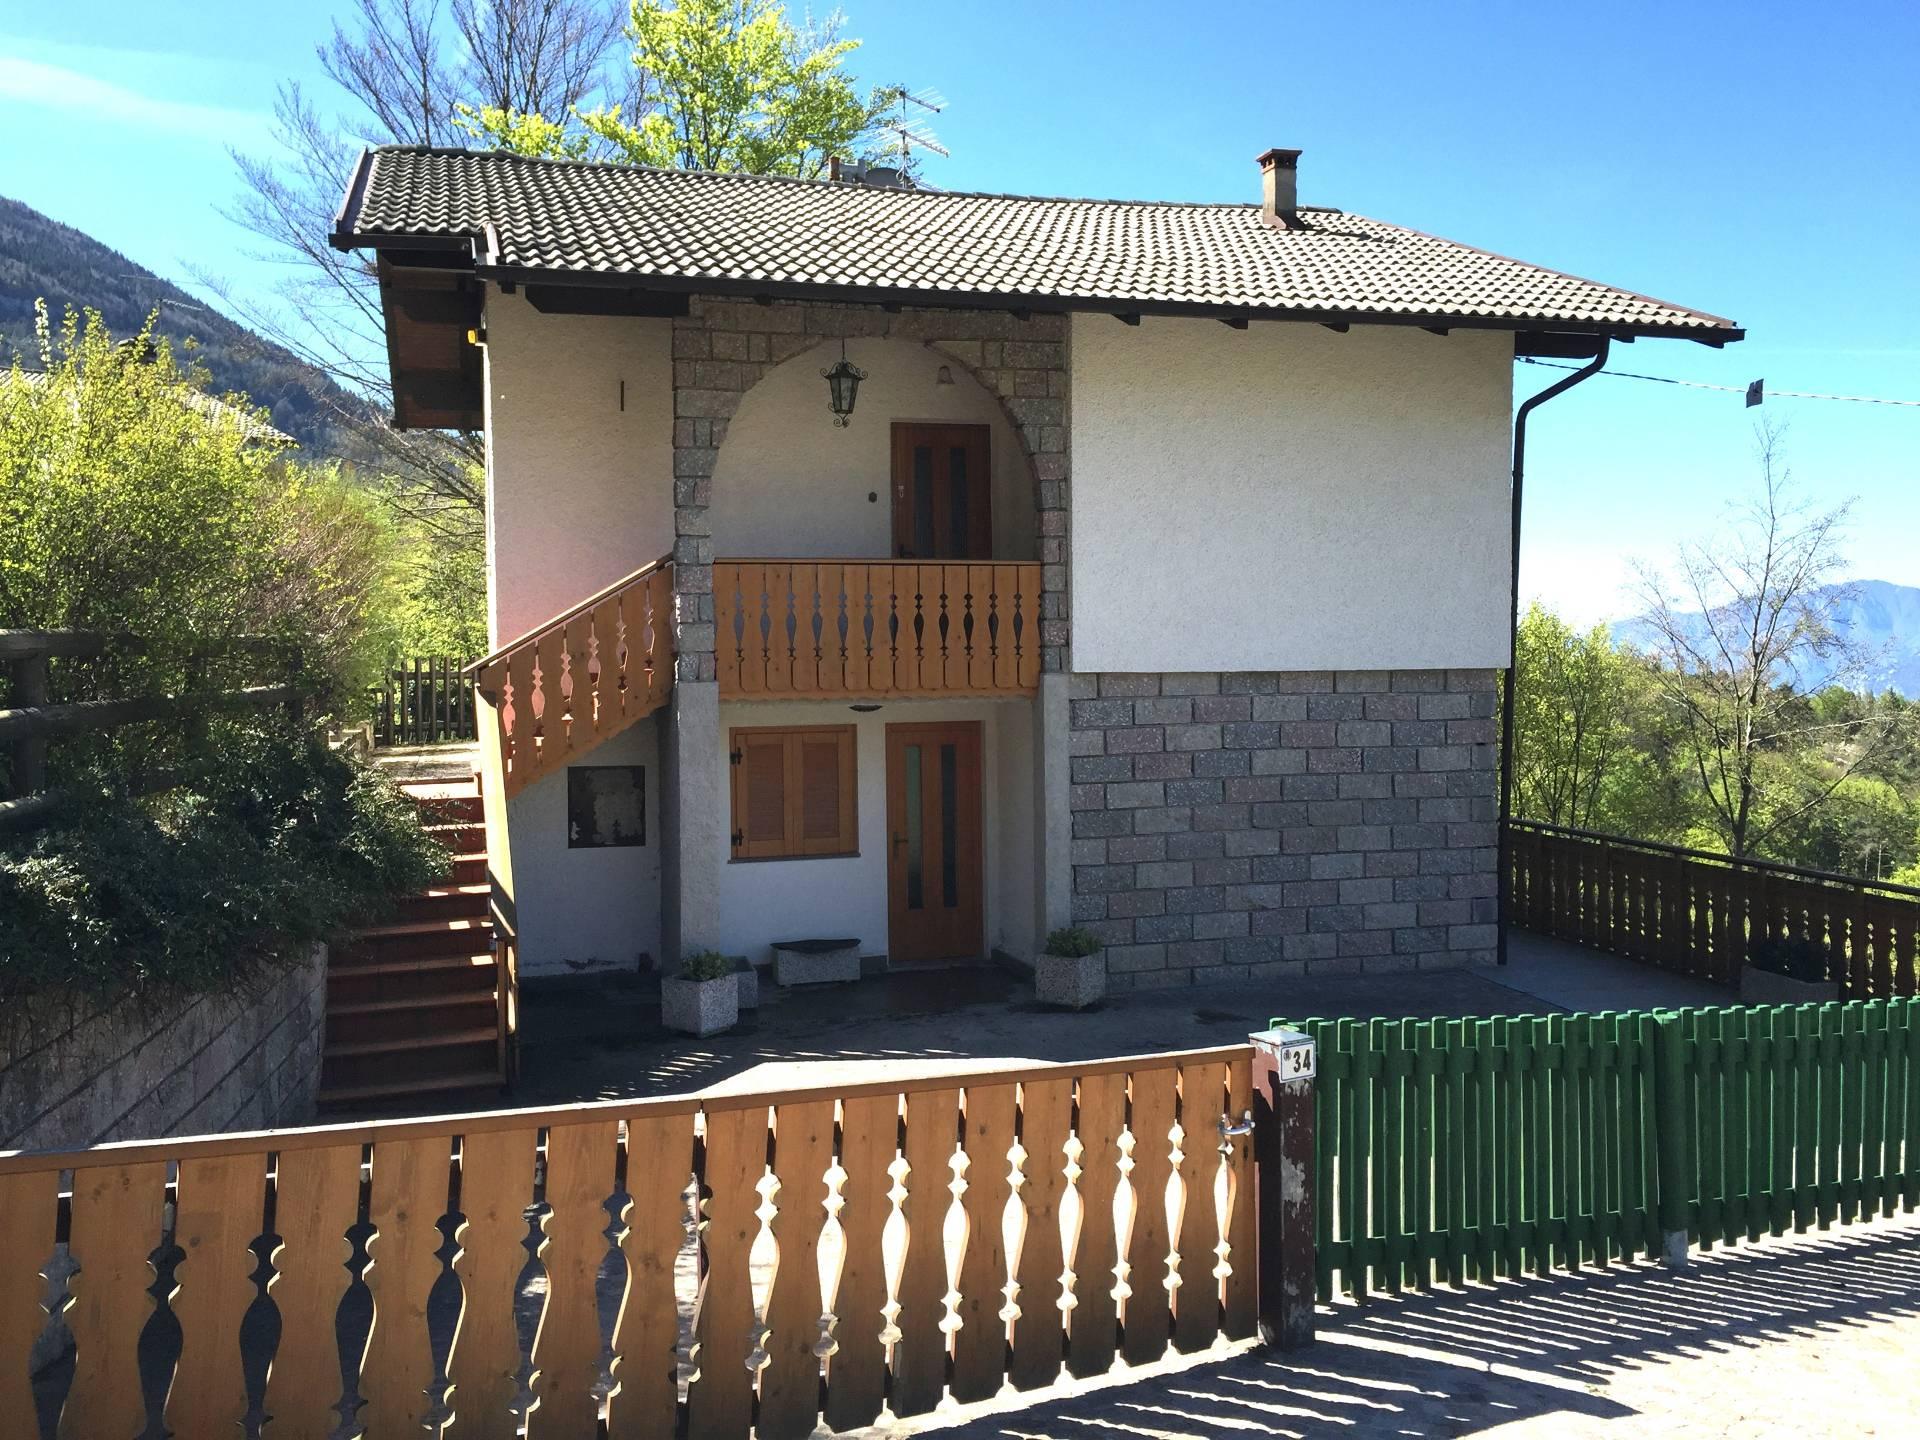 Soluzione Indipendente in vendita a Calavino, 6 locali, prezzo € 260.000 | CambioCasa.it